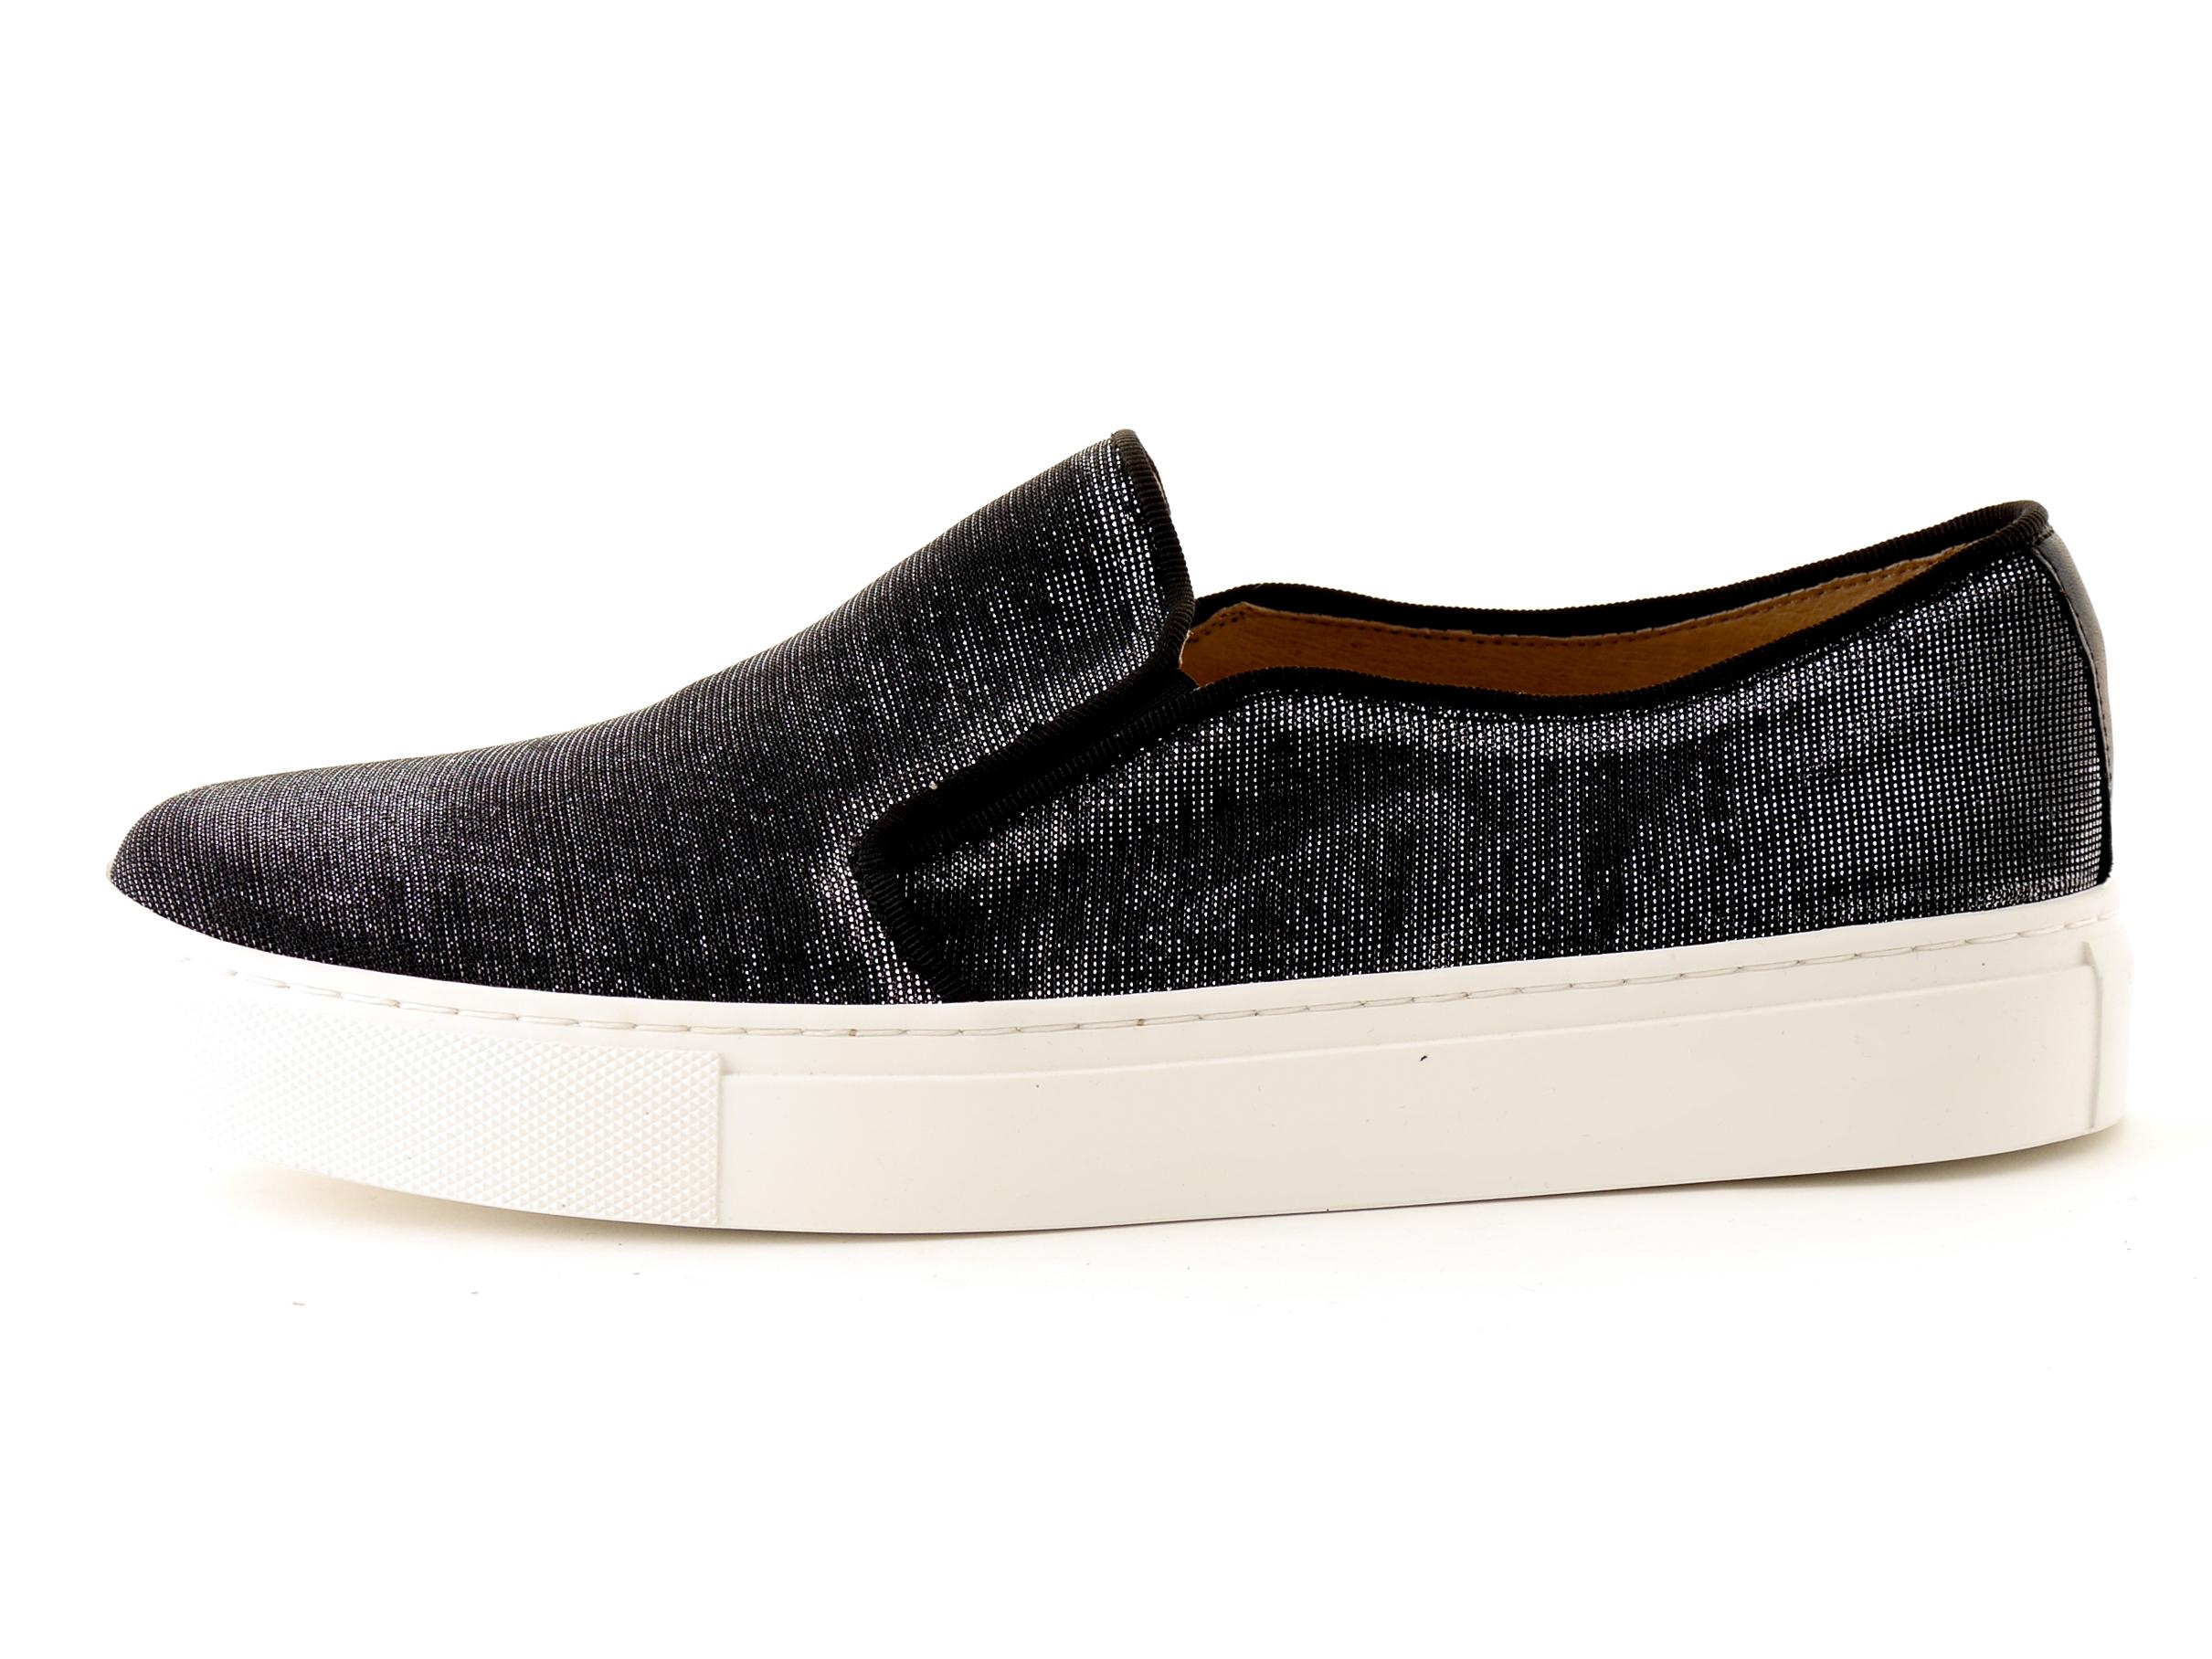 Details zu KMB Schuhe Slipper Slip On Notturno schwarz Glitzer Textil Gummi Leder